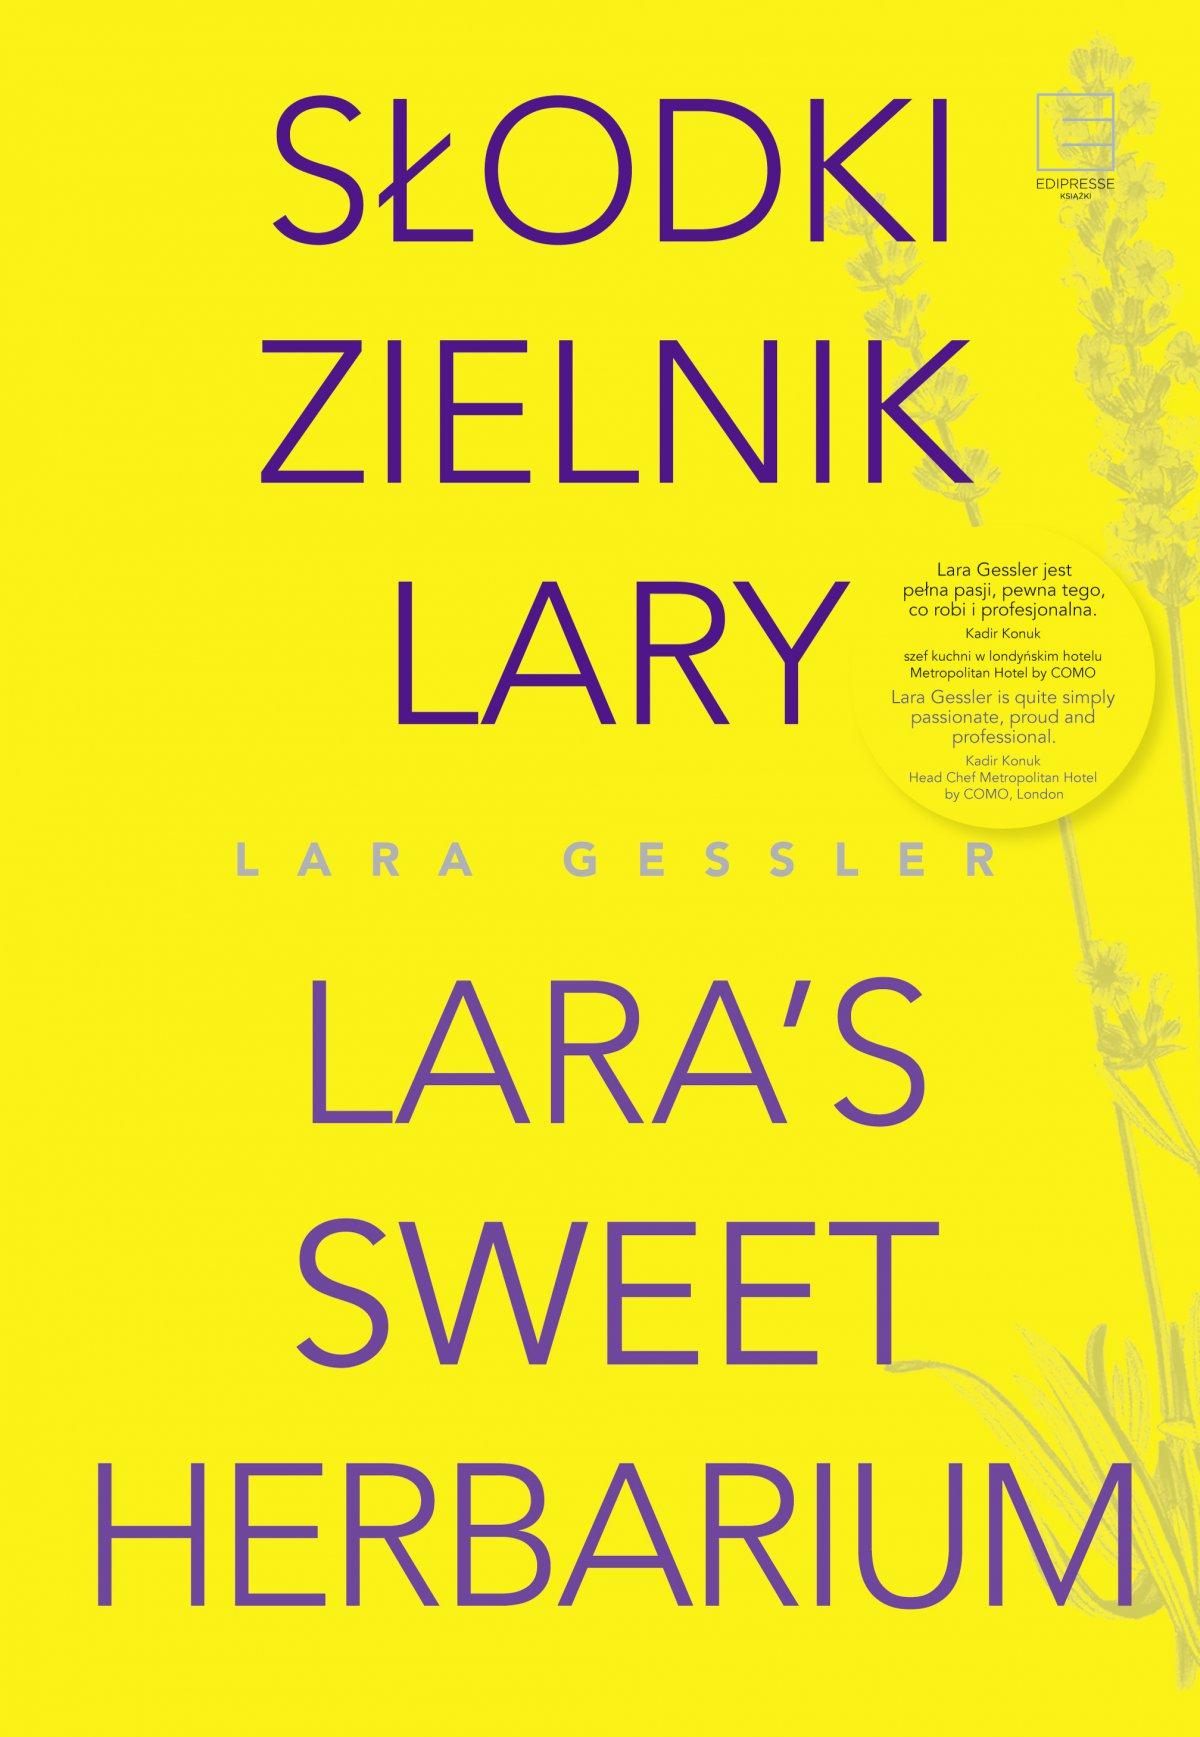 Słodki zielnik Lary - Ebook (Książka na Kindle) do pobrania w formacie MOBI